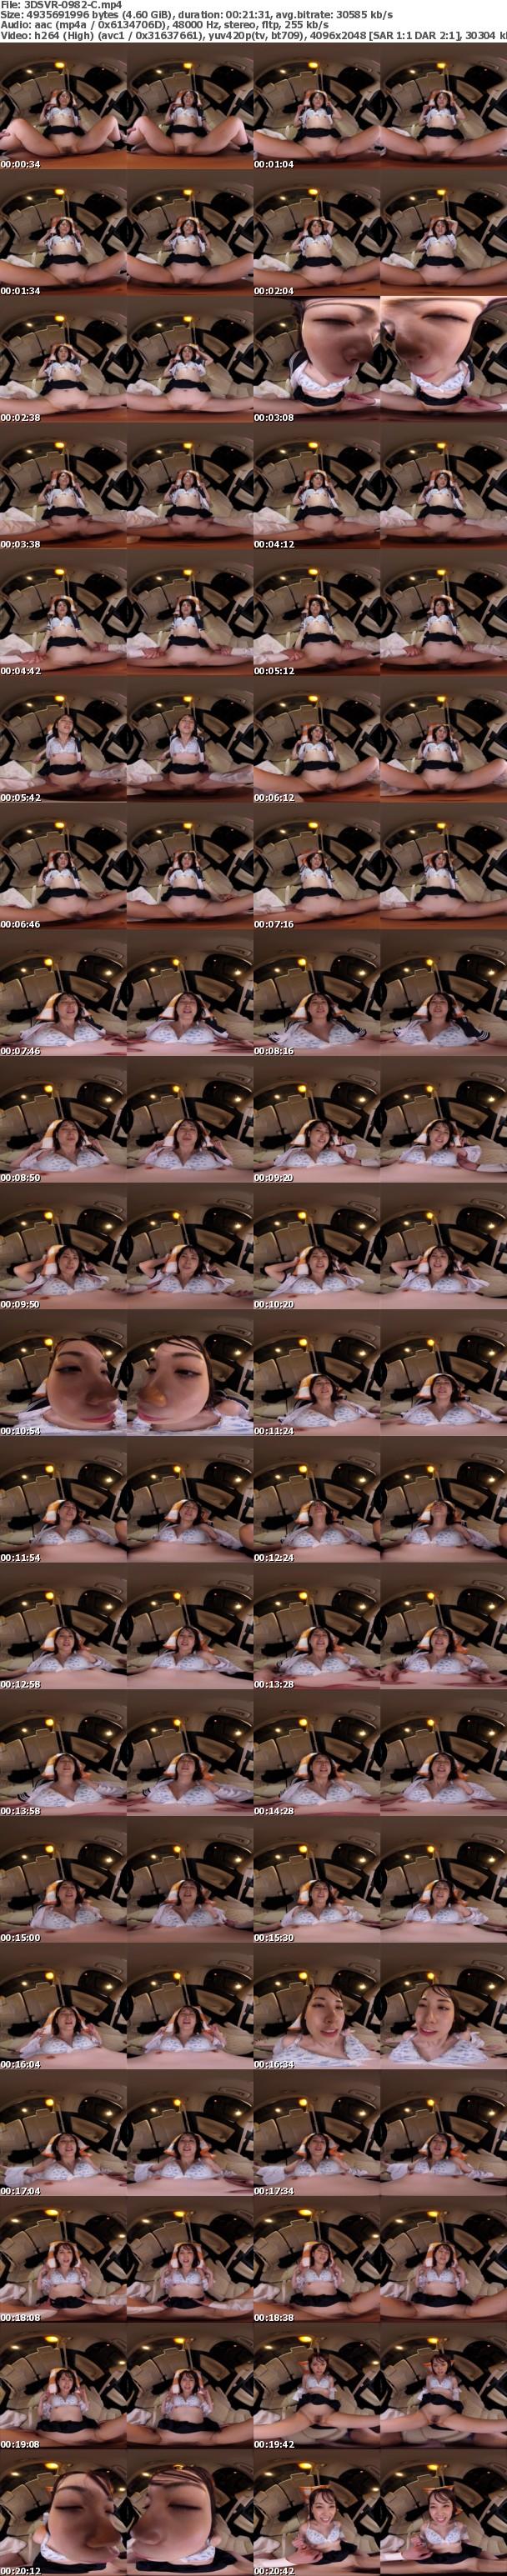 (VR) 3DSVR-0982 じとぺた女子。―教え子と車内で濃厚生ハメ― 堀北わん